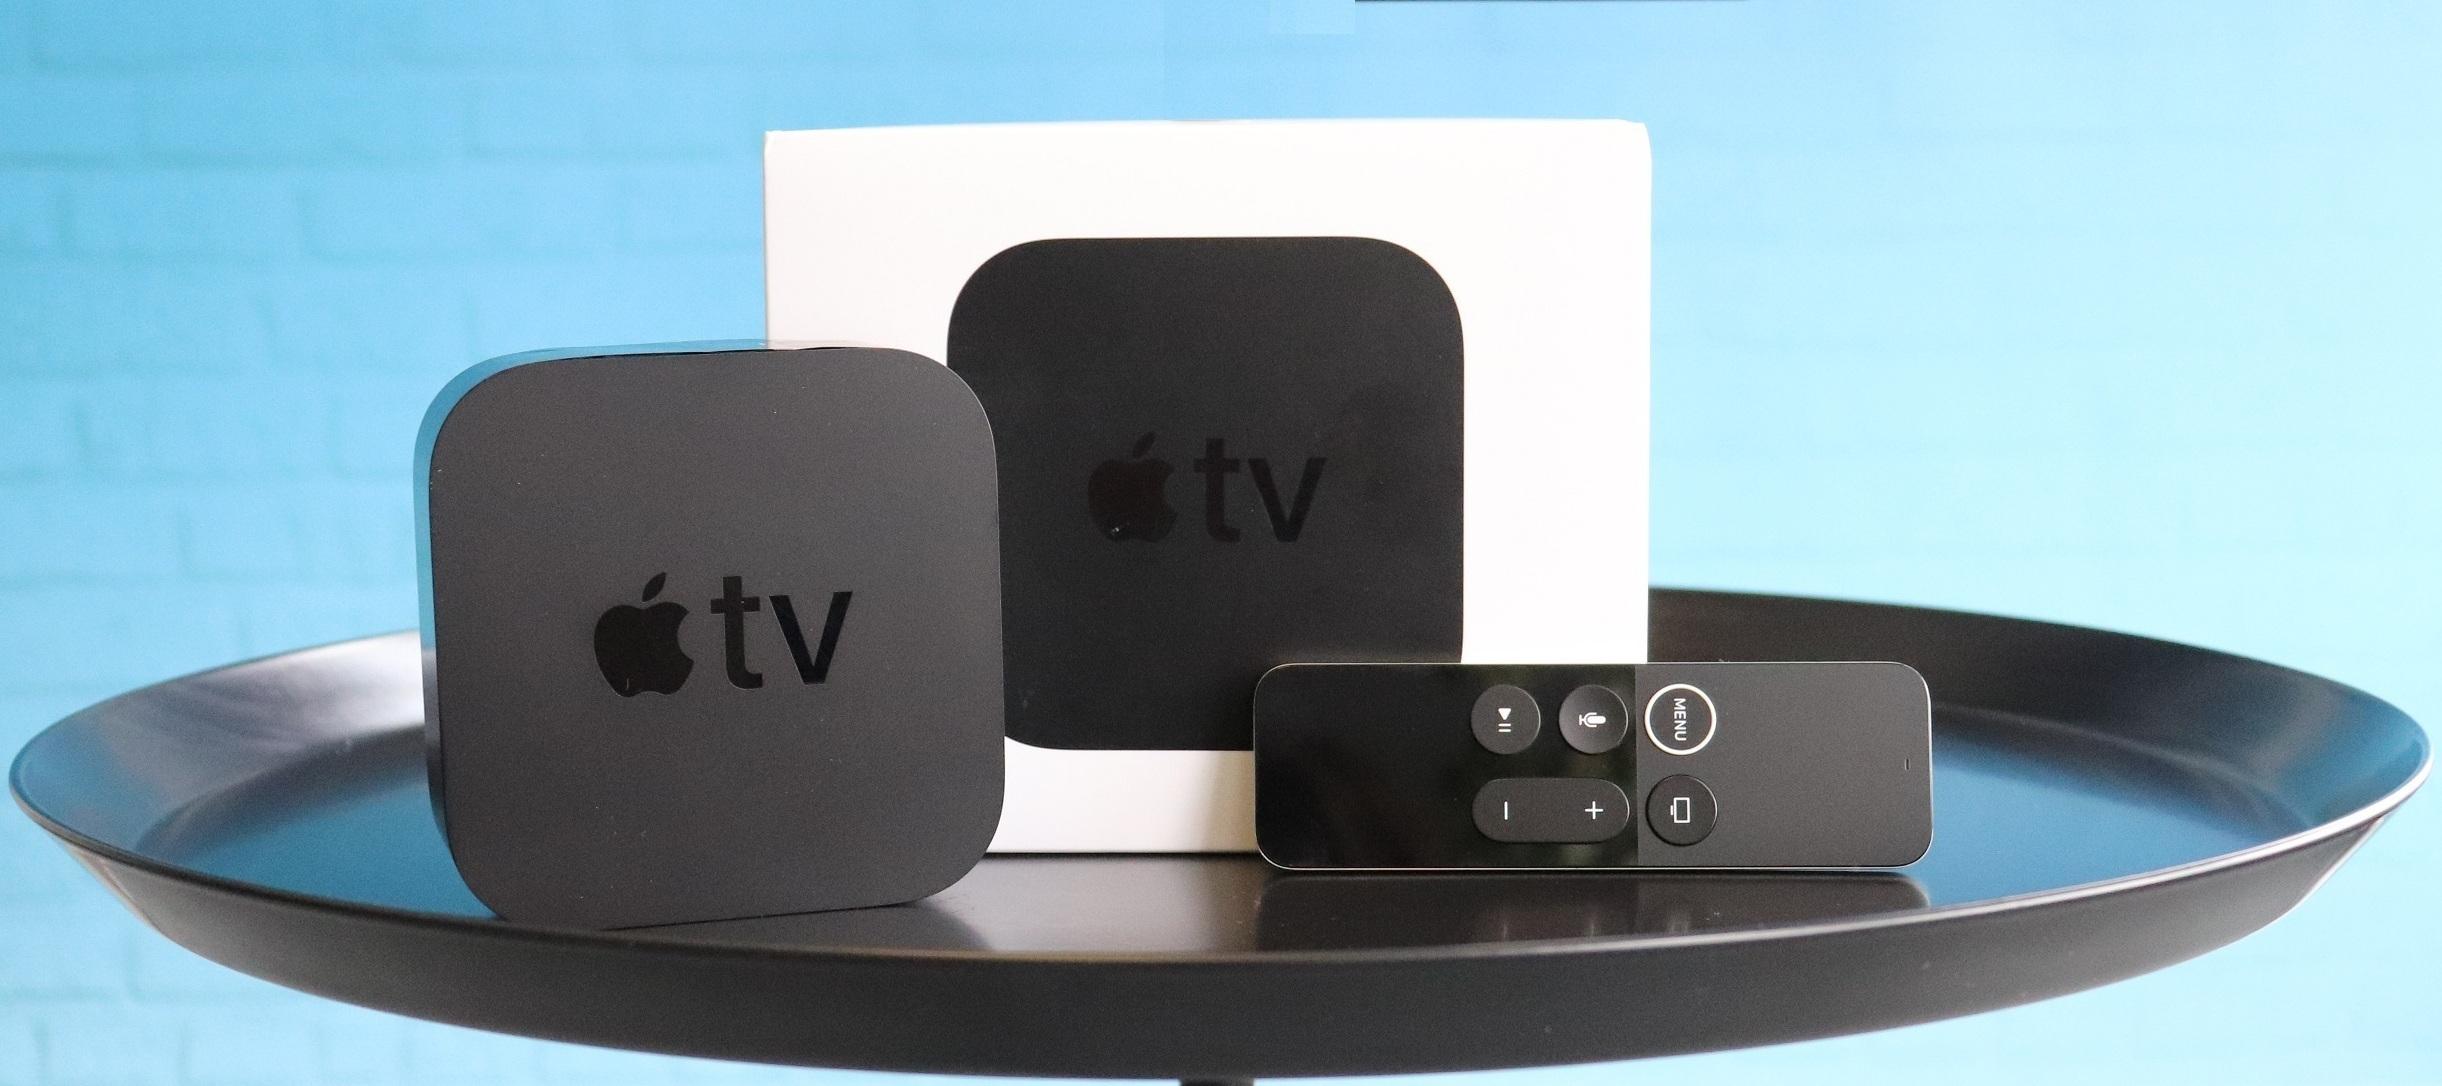 Apple TV 4K Testgerät: Werde Tester/in und mach dir eine schöne Zeit - Bewirb dich jetzt!